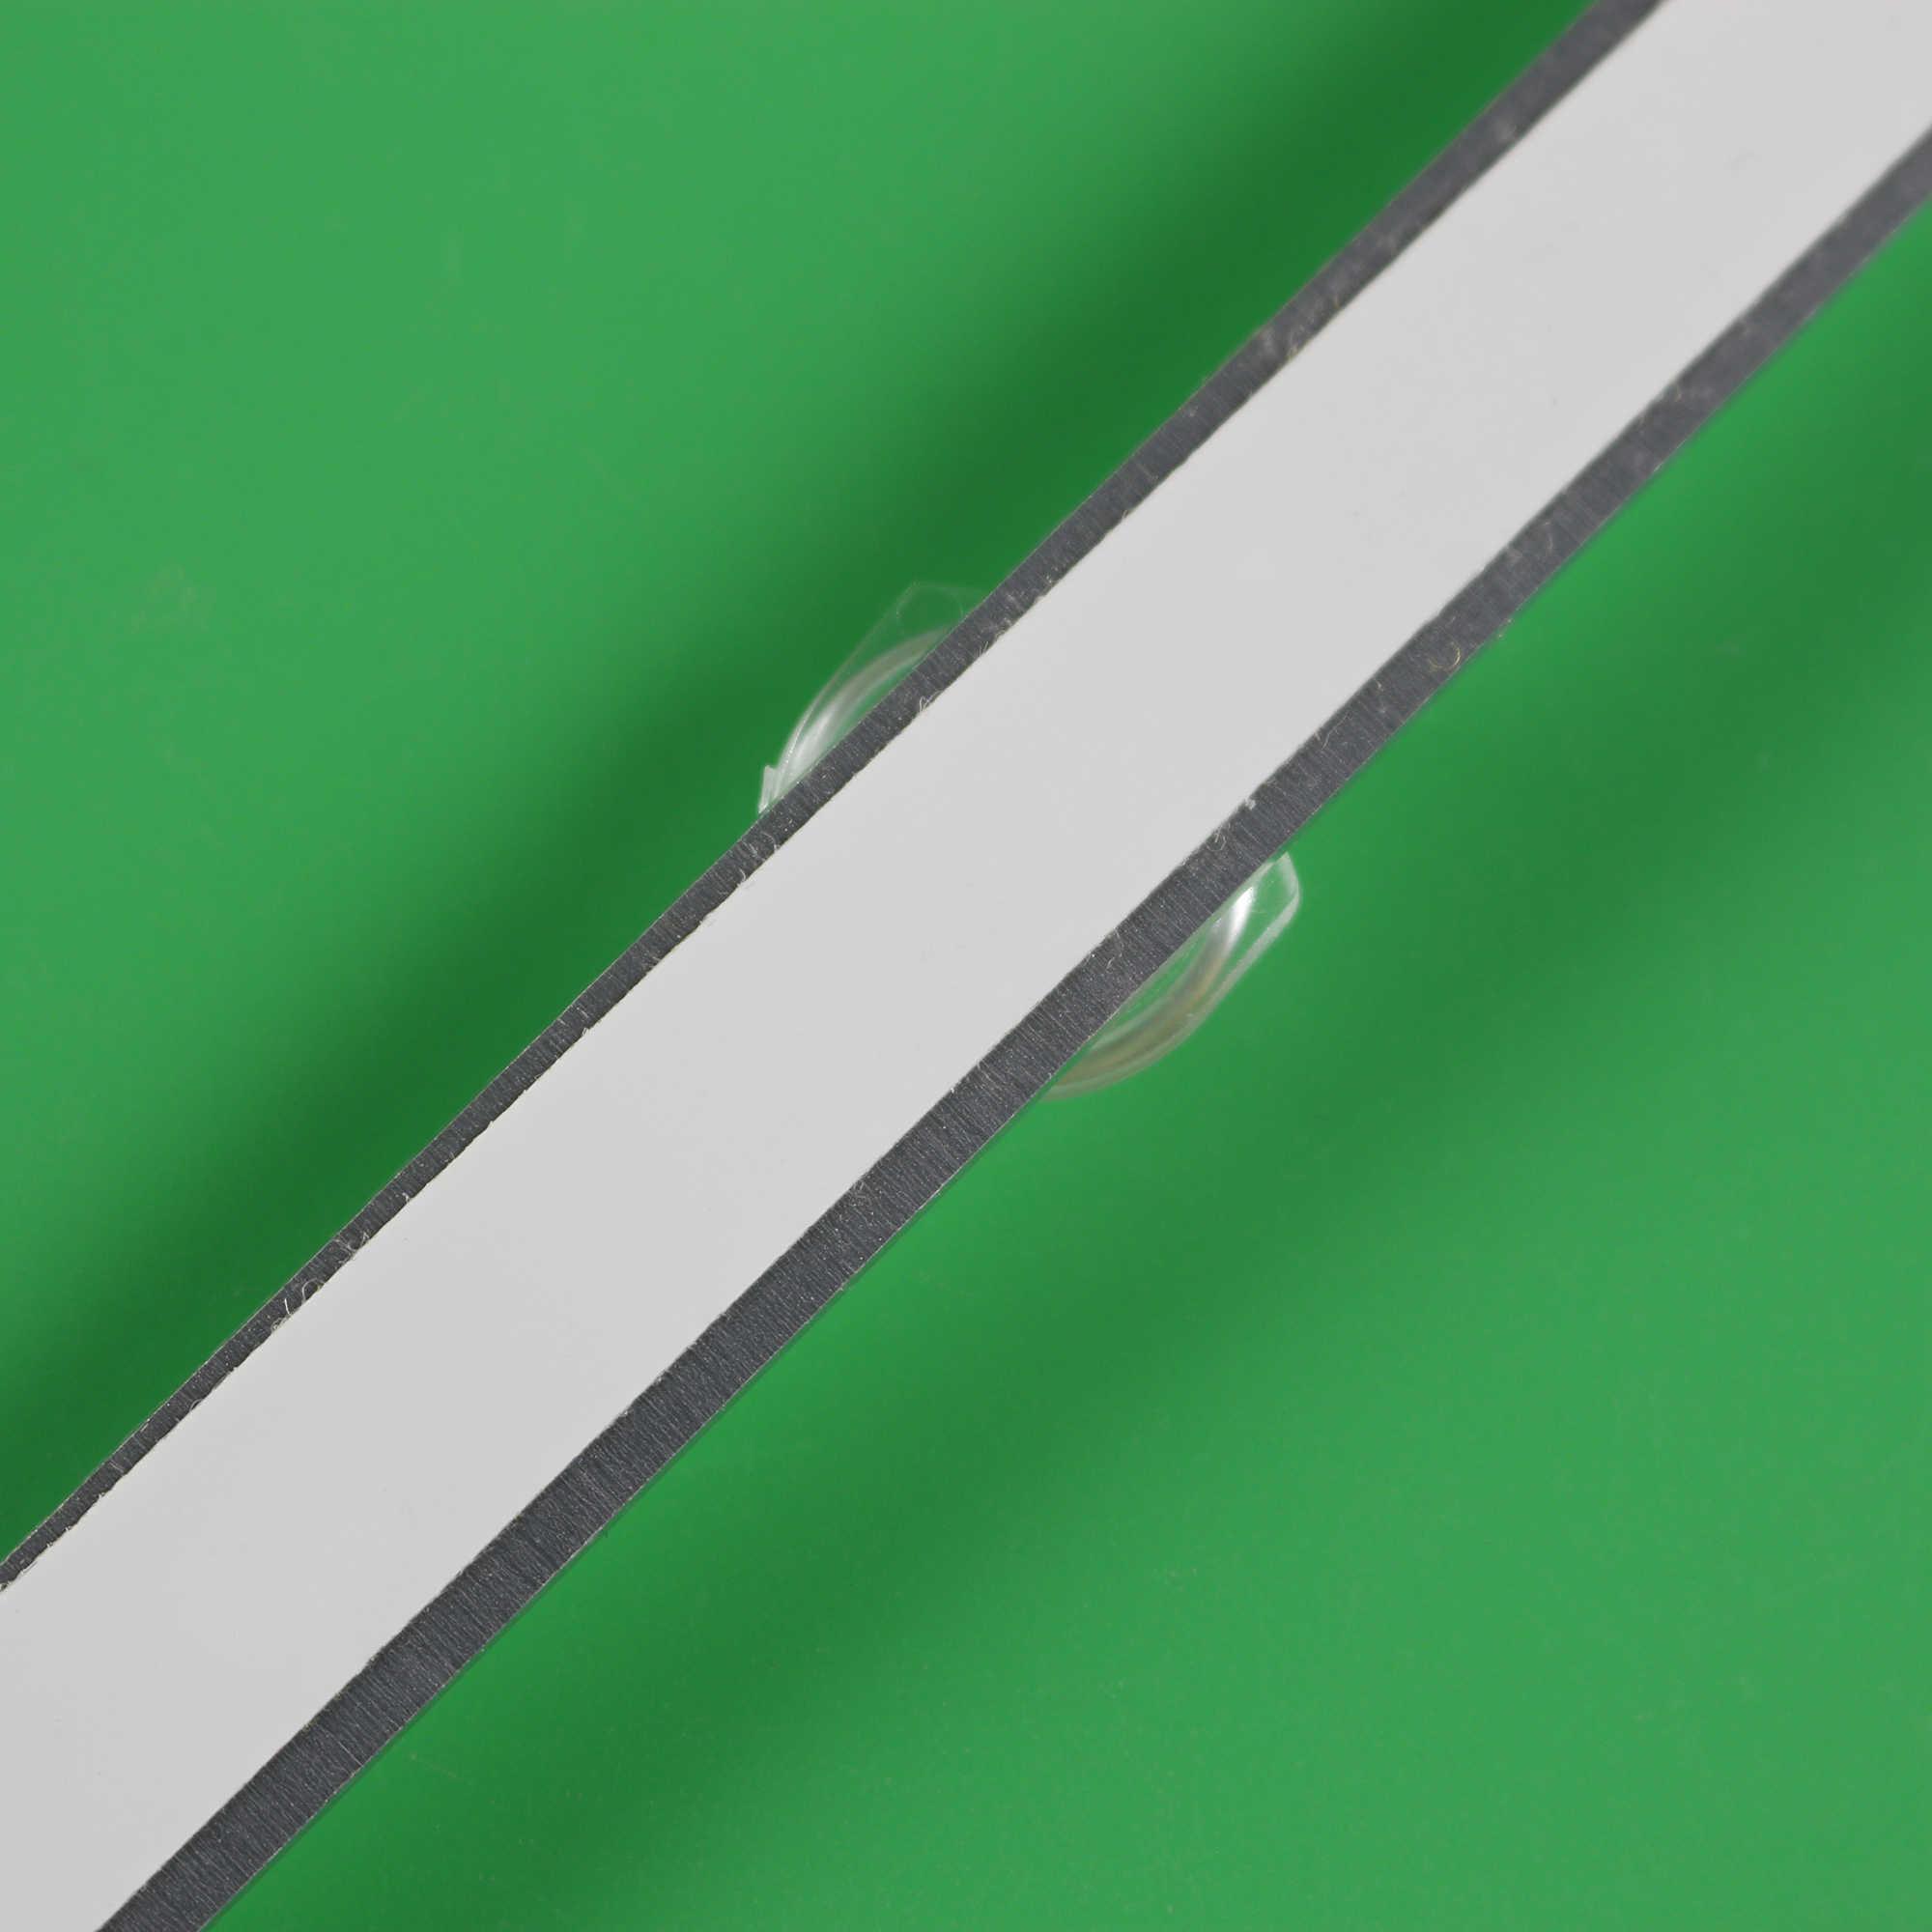 """Retroiluminación LED 11 lámpara para LG Sharp VESTEL 32 """"TV 32PFL3008H12 VES315WNDA-01 VES315WNDL-2D-N02 32 HA5000 VES315WNDS-2D-N02"""